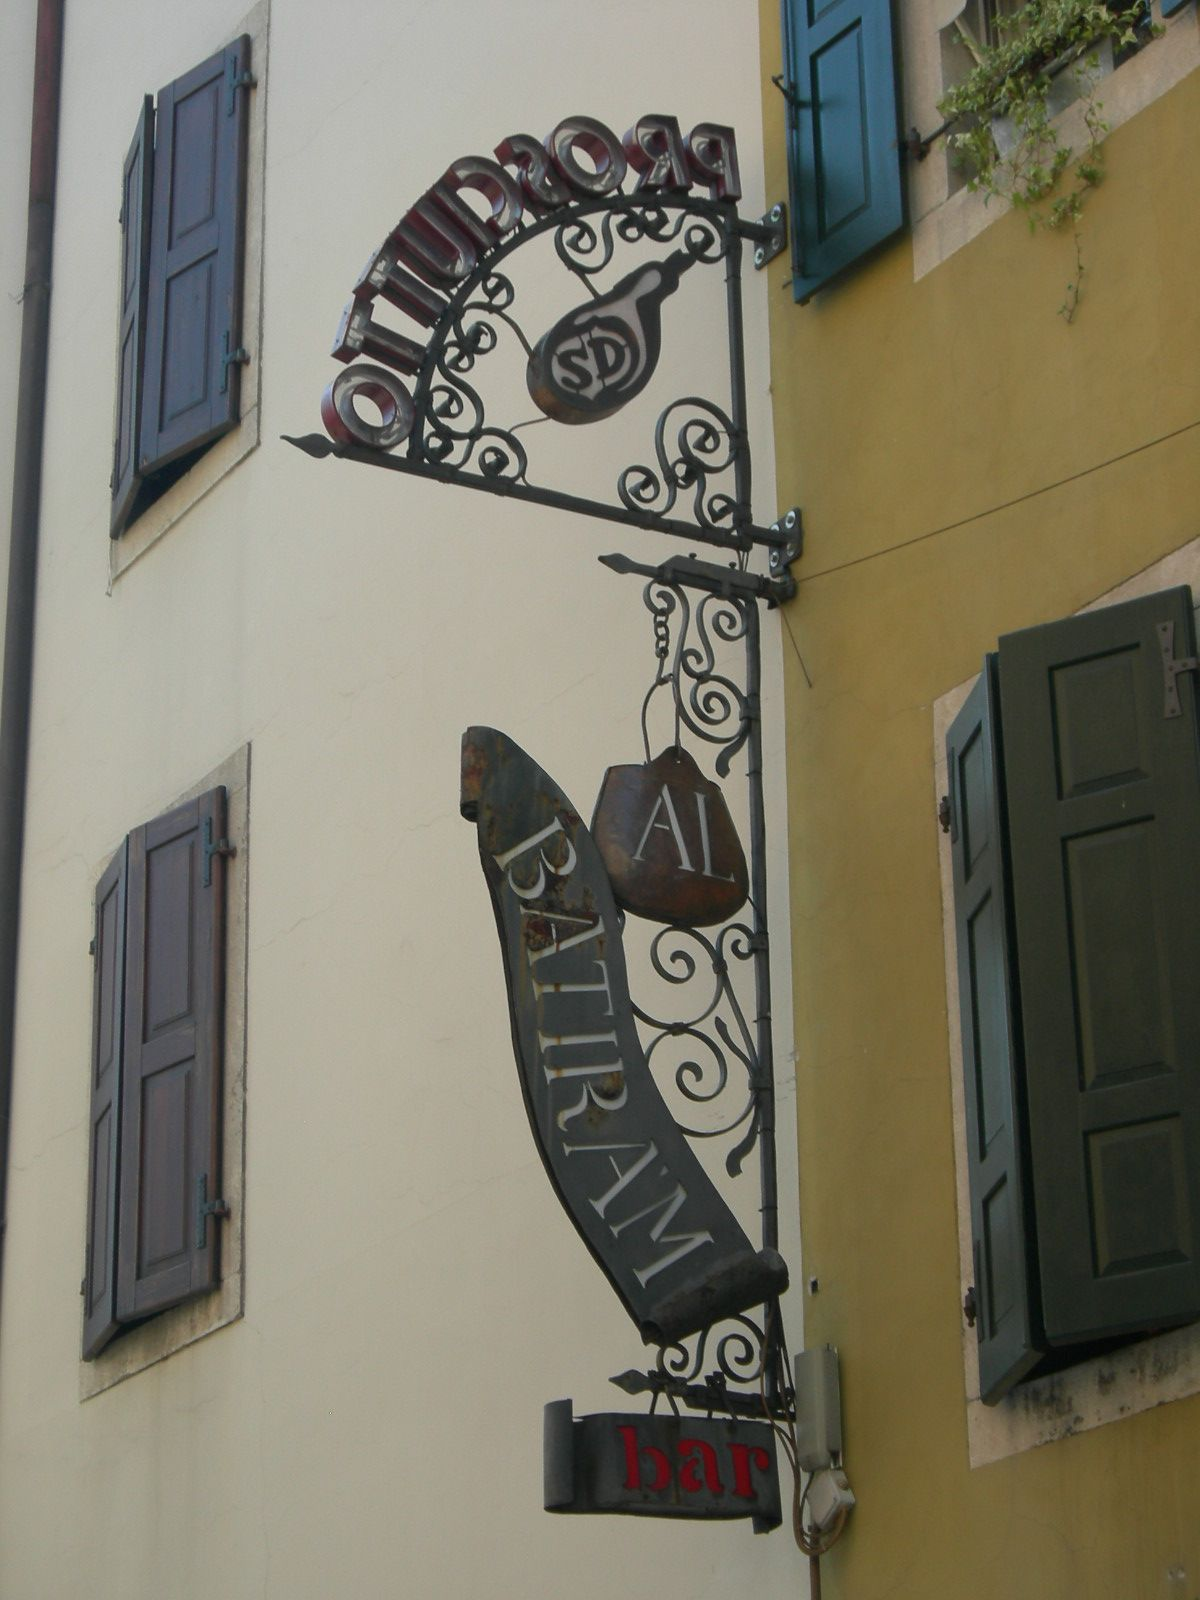 北イタリアの小さな町、サン・ダニエーレの町中が盛り上がる3日間